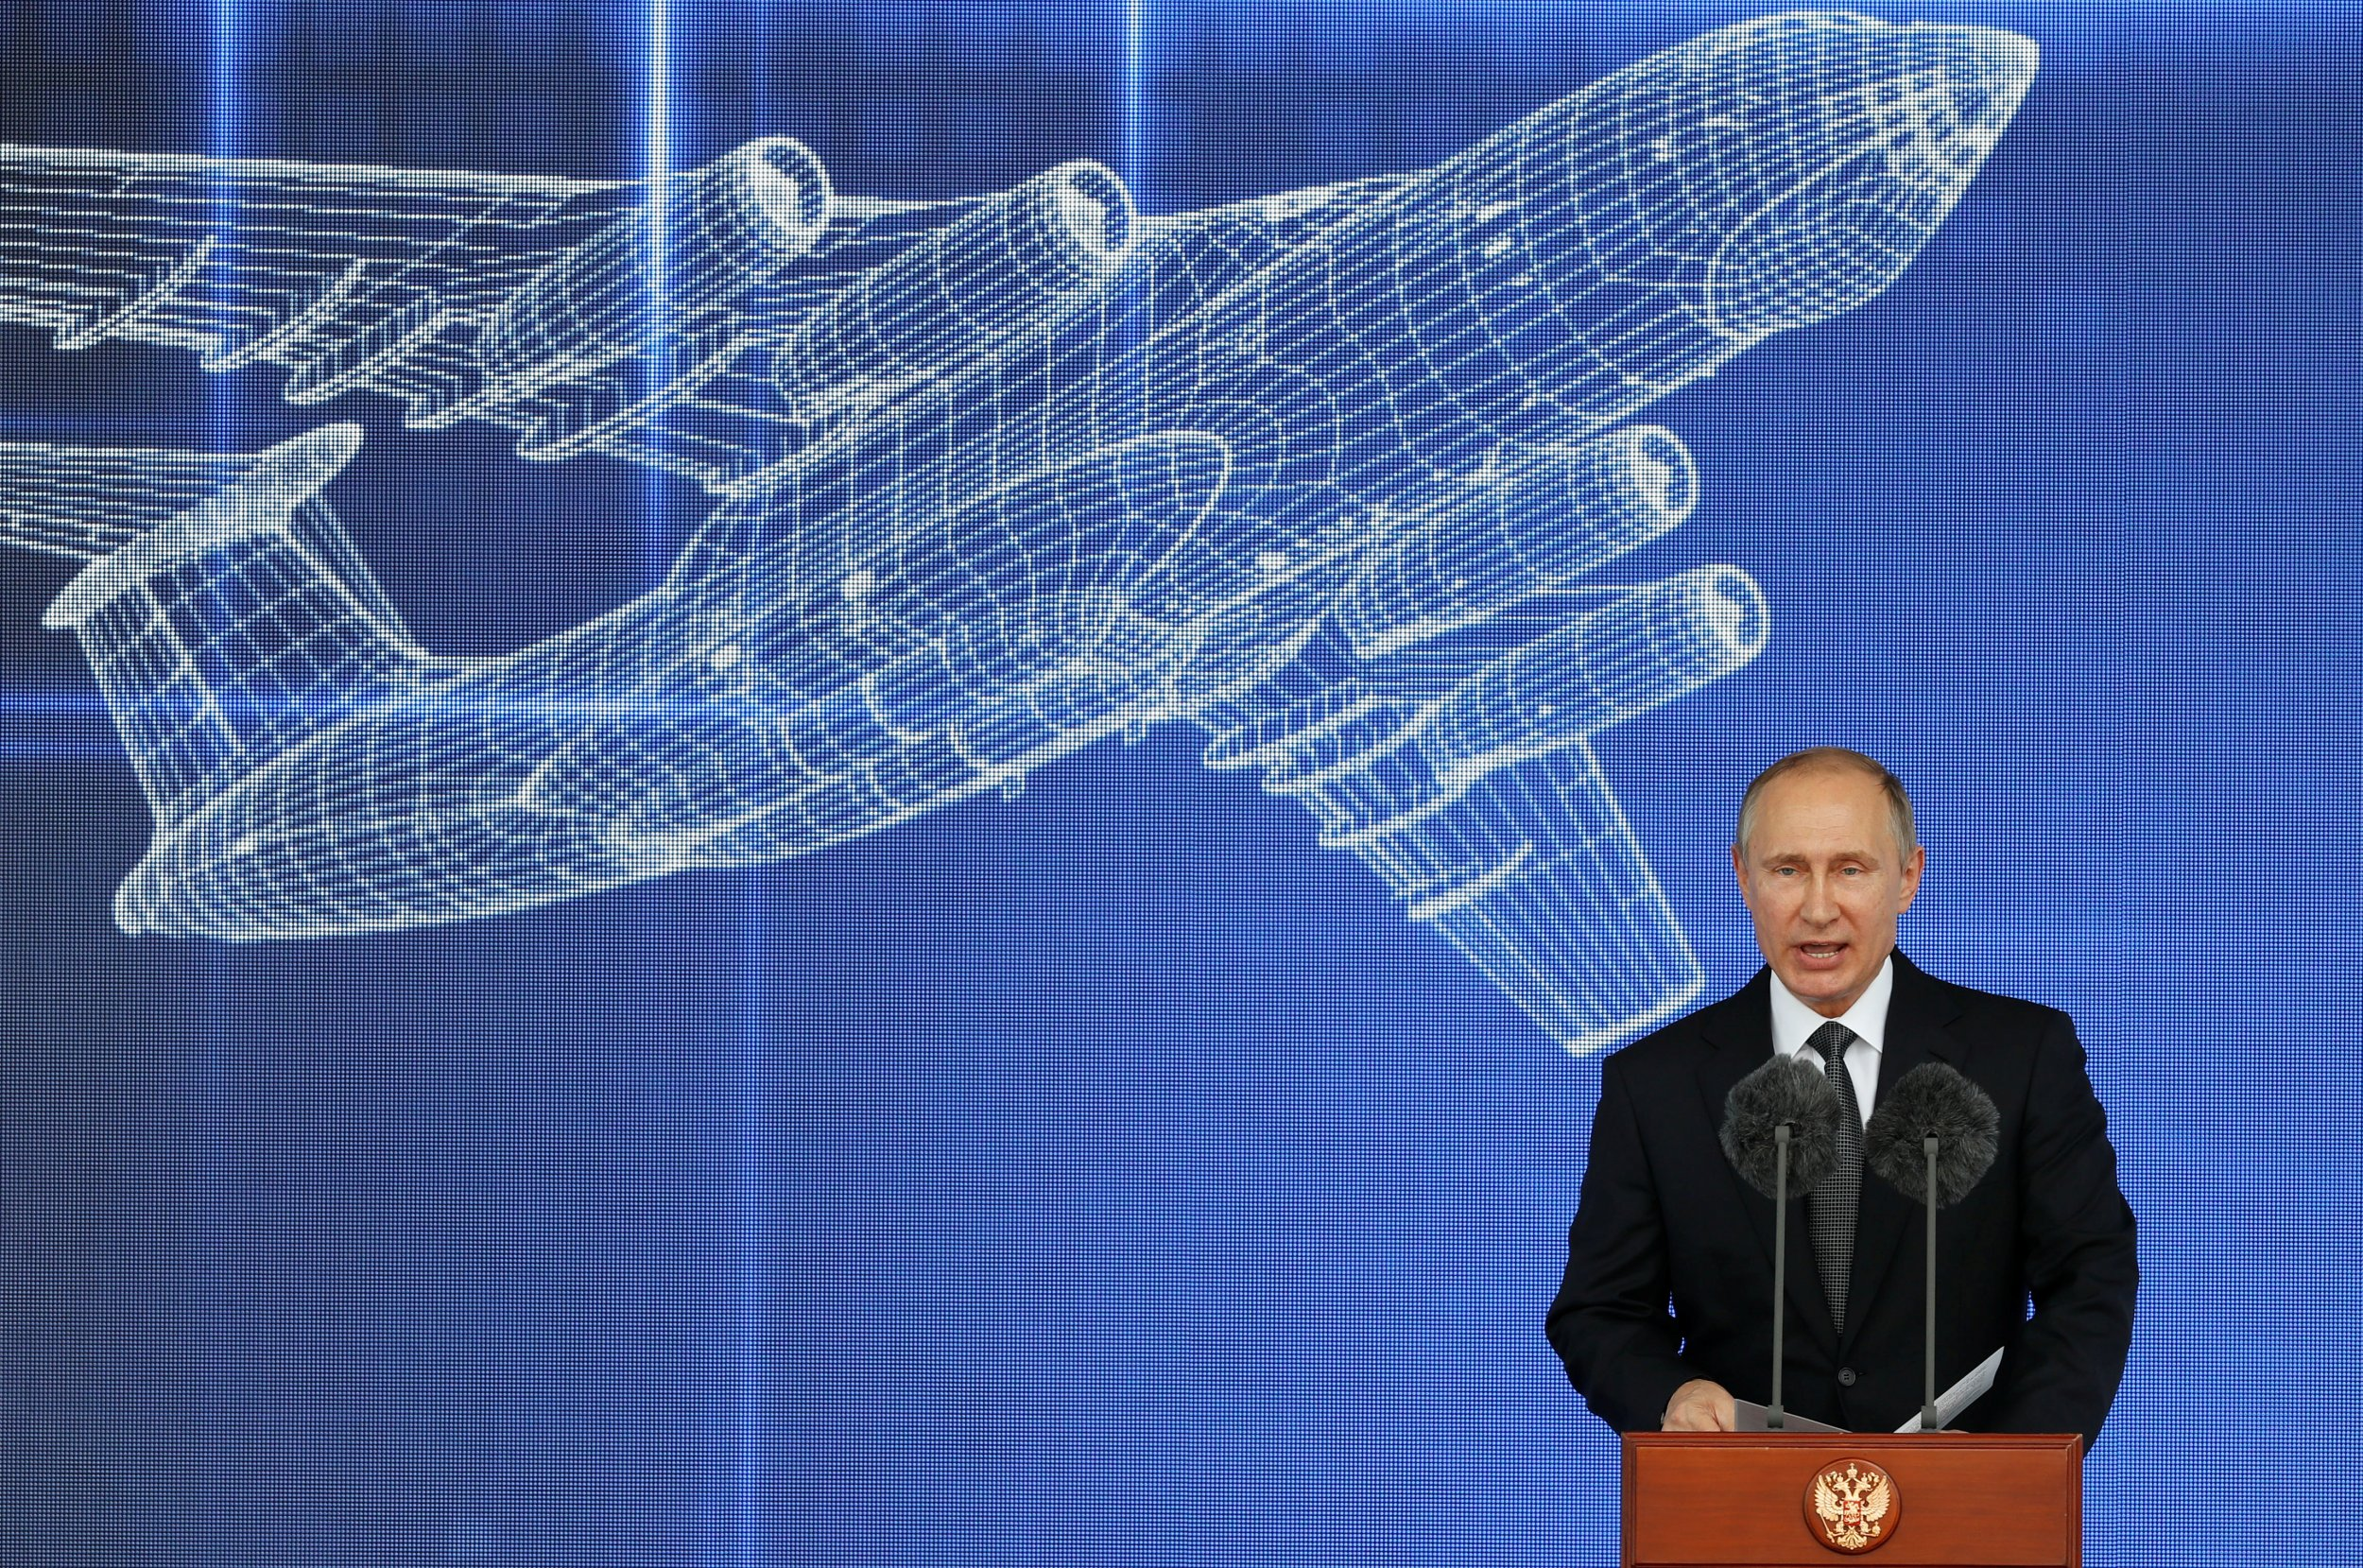 Putin at MAKS